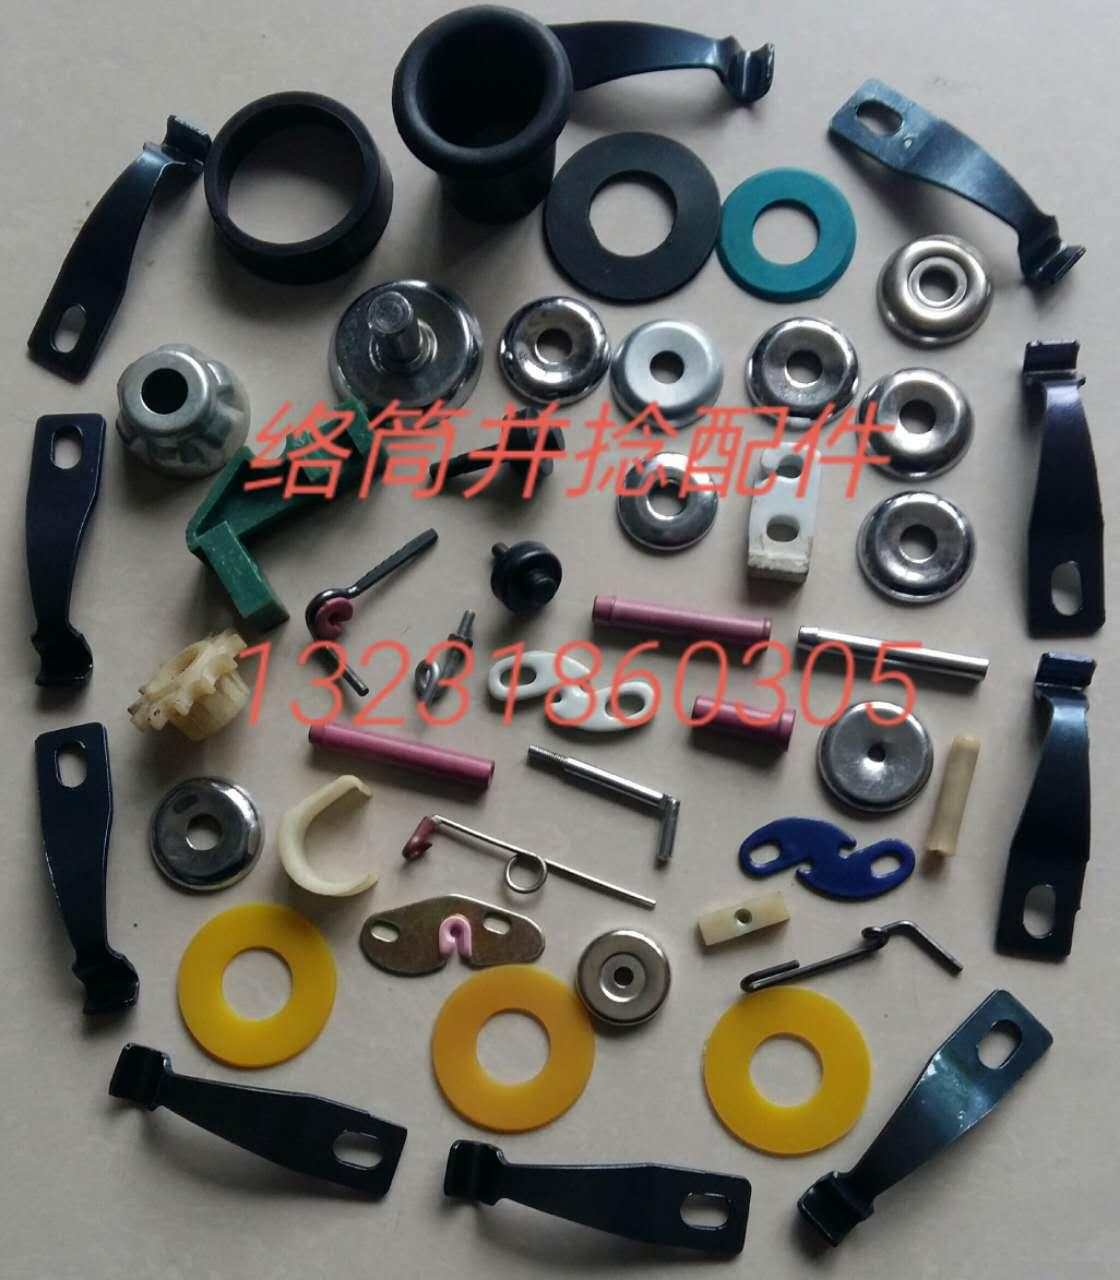 揭阳揭西橡胶尼龙件专业生产商专业制造13231860305